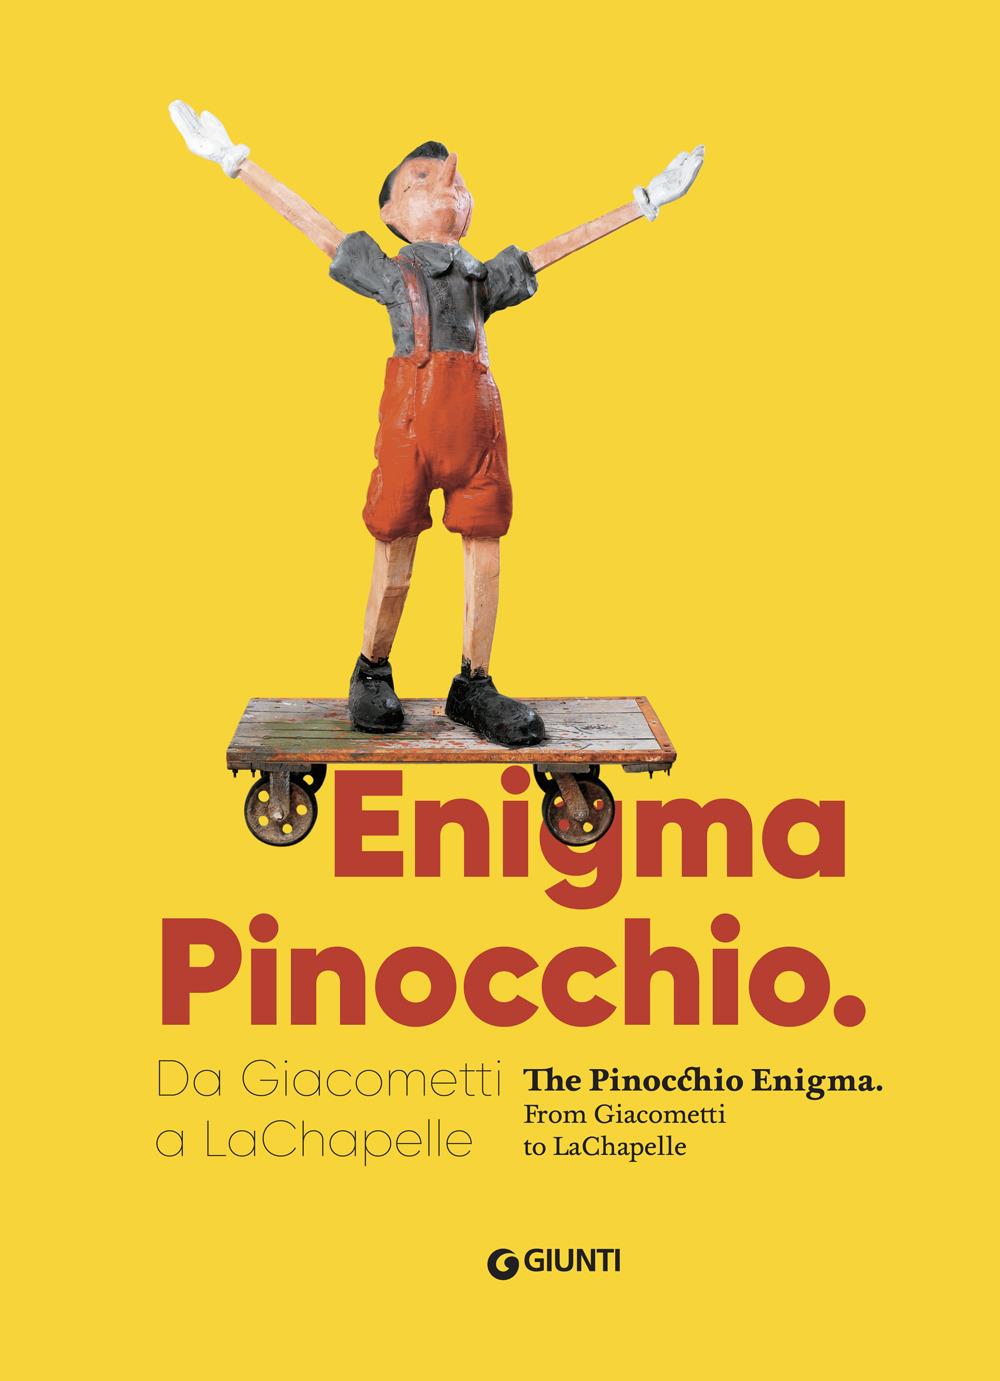 Enigma Pinocchio. Da Giacometti a LaChapelle-The Pinocchio enigma. Ediz. illustrata